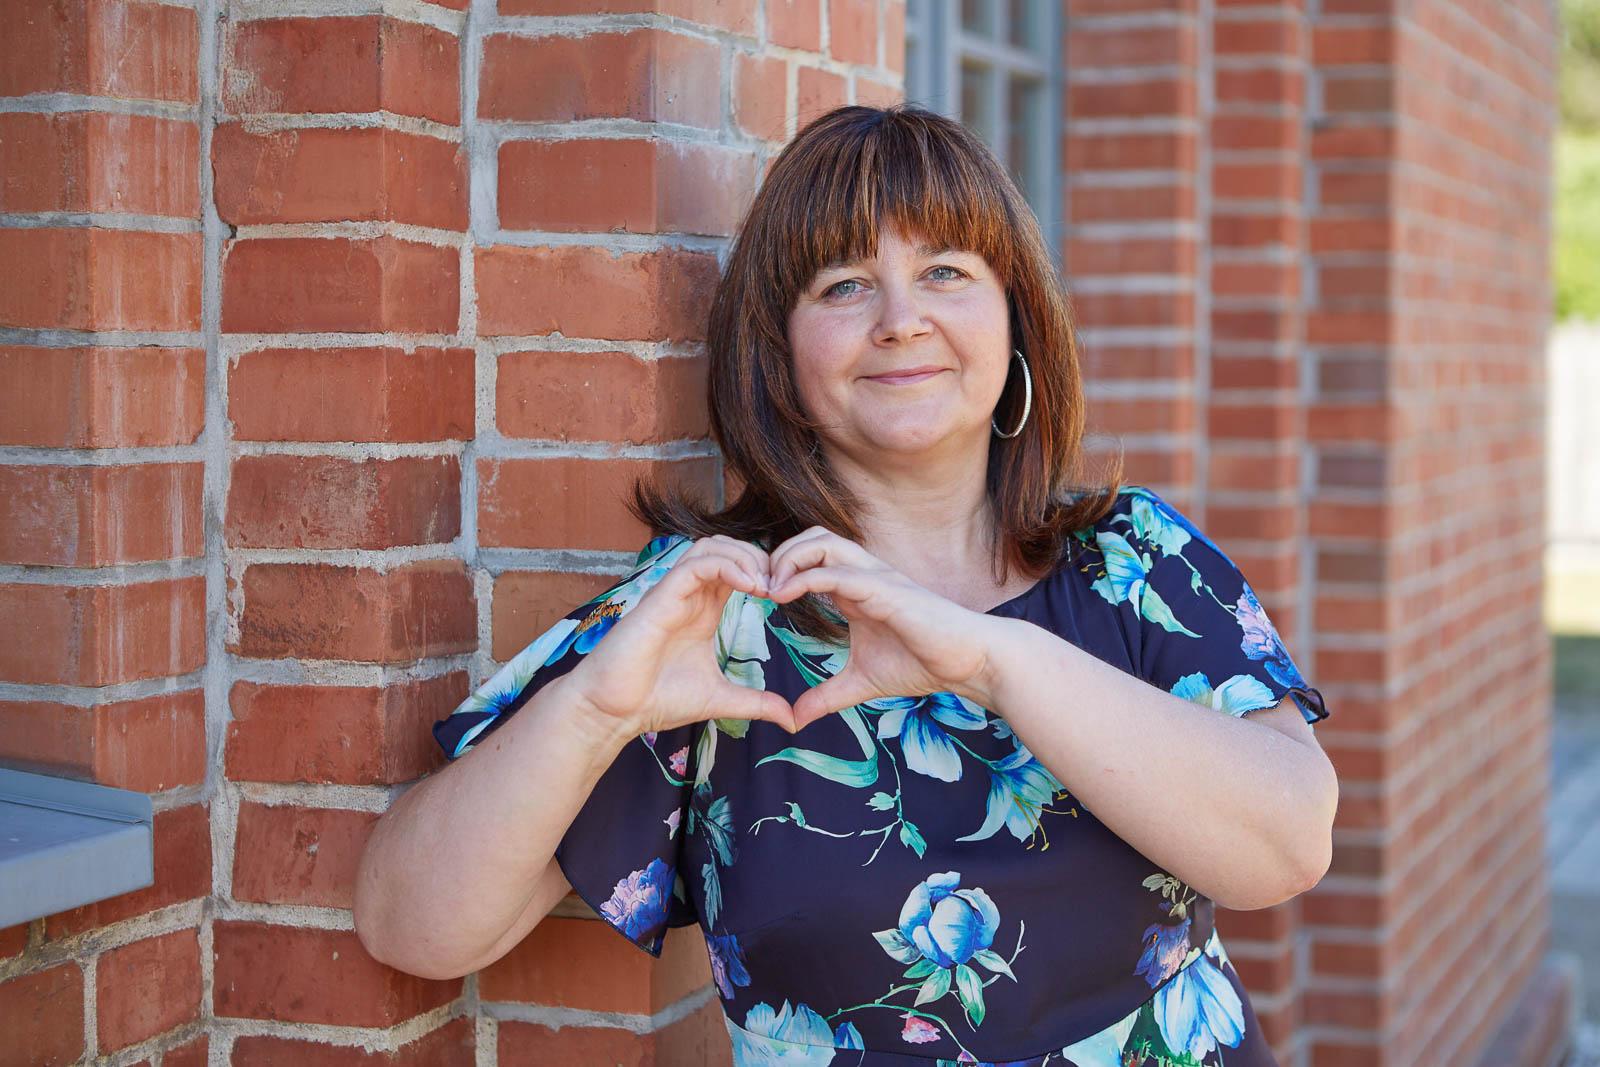 Fördermitglied faltet Hände zu einem Herz